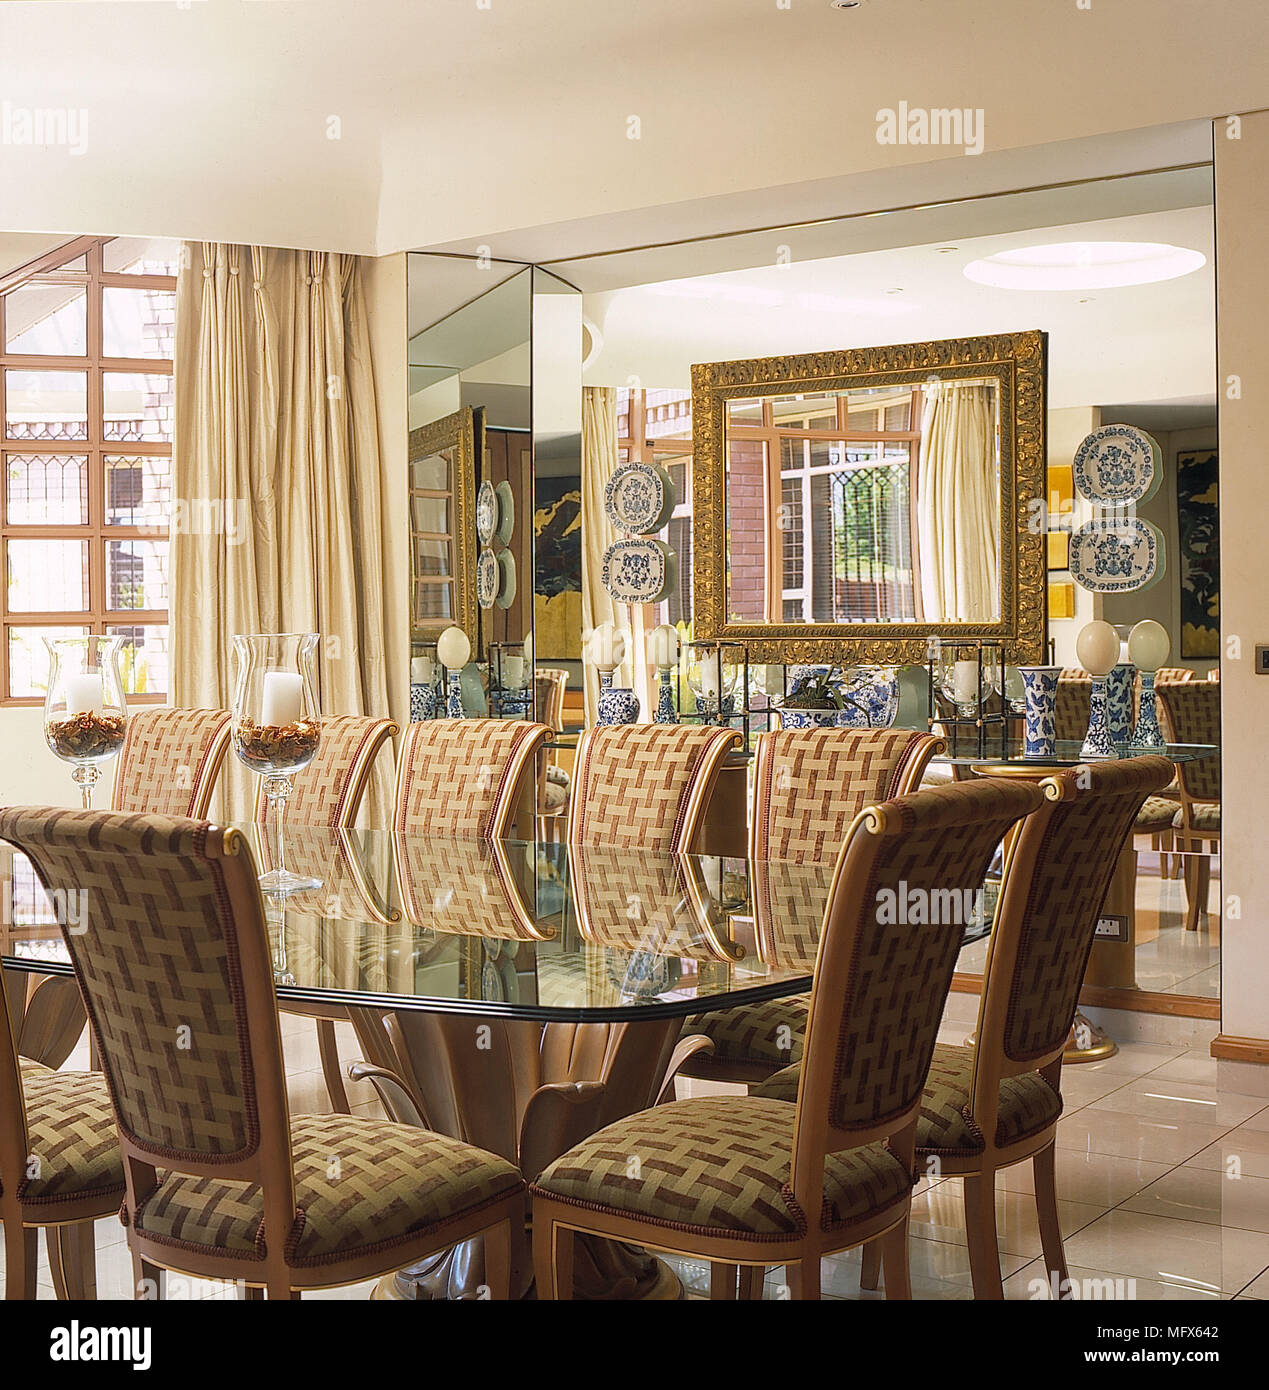 Esszimmer Weiße Wände Fliesen Steinboden Spiegel Wand Glas Tisch Braun  Beige Gepolsterten Stühlen Creme Vorhänge Innenräume Zimmer Gold Spiegel  Blau Weiß ...